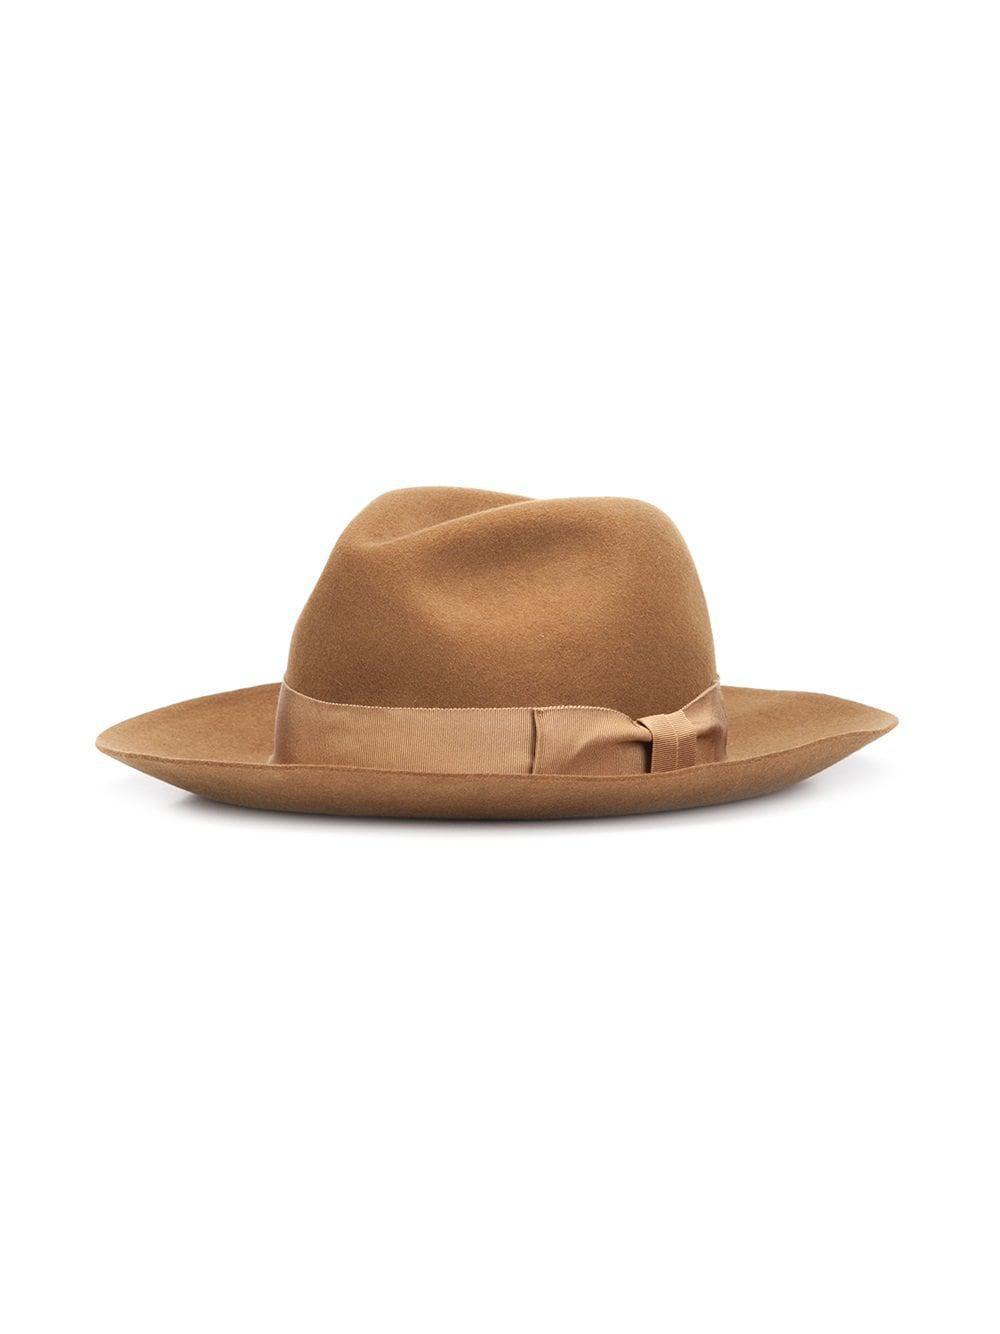 Lyst - Sombrero